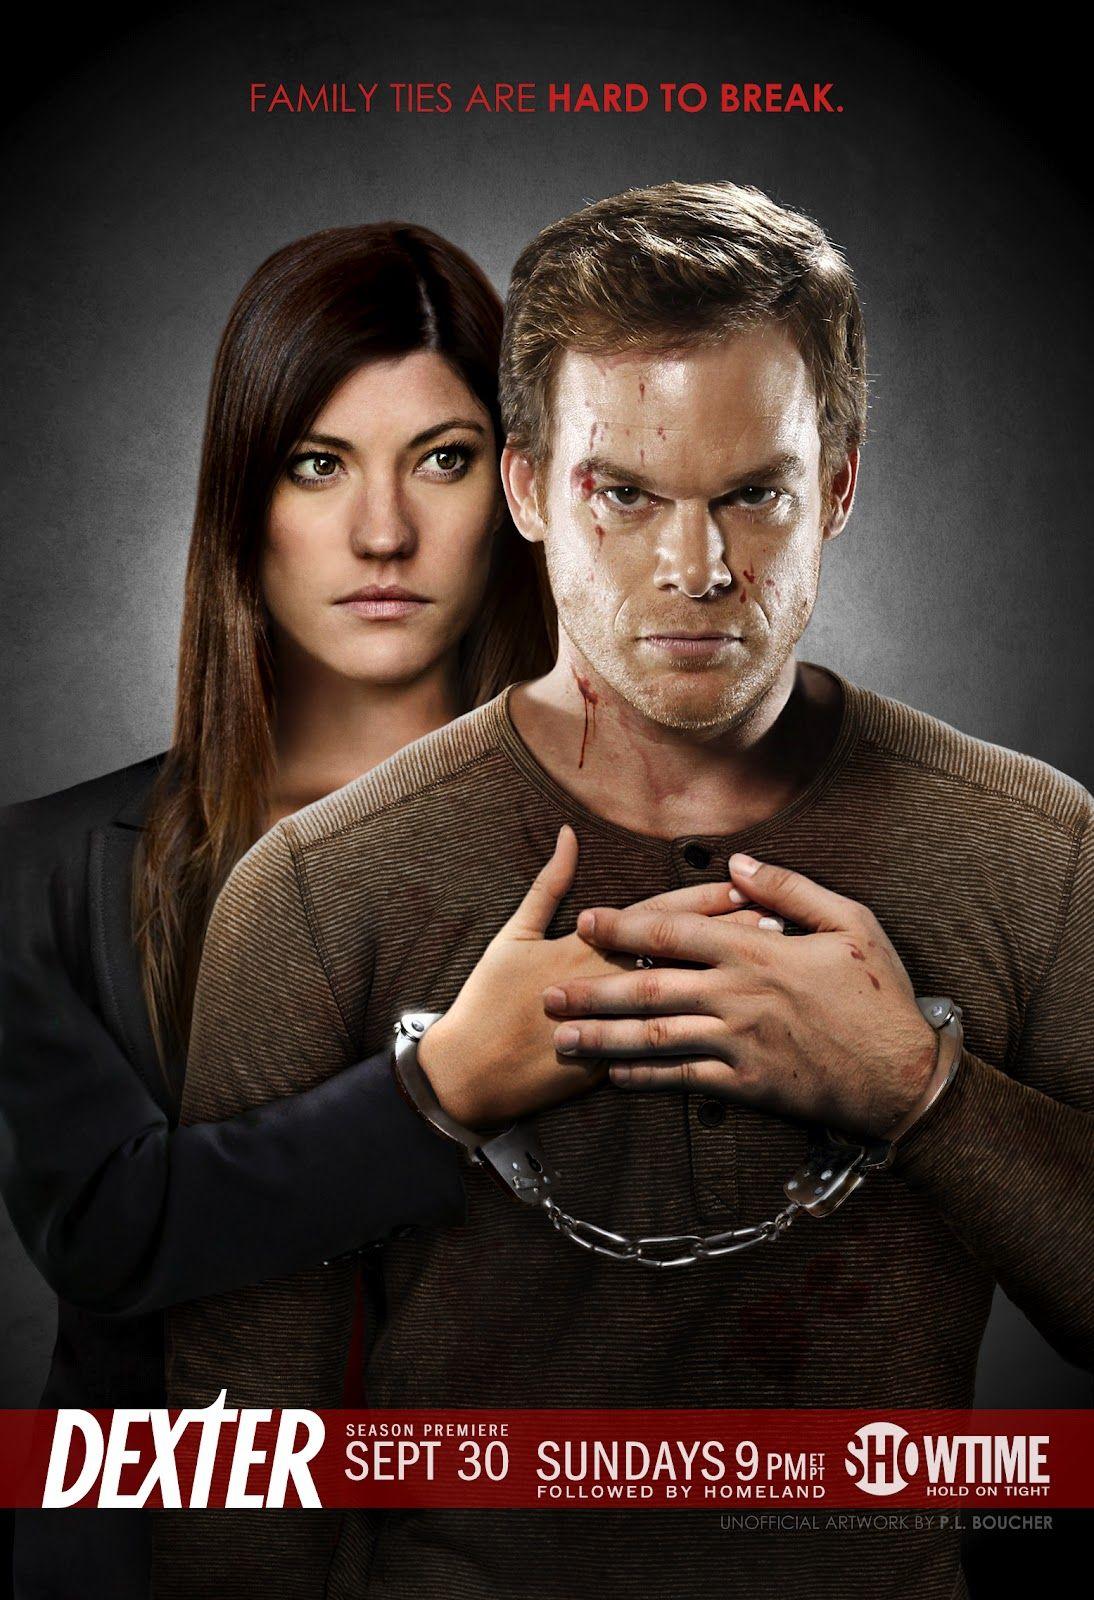 Dexter S06e01 720p Hdtv X264 Immerse Mkv Sandranscomp Dexter Seasons Dexter Season 7 Dexter Morgan